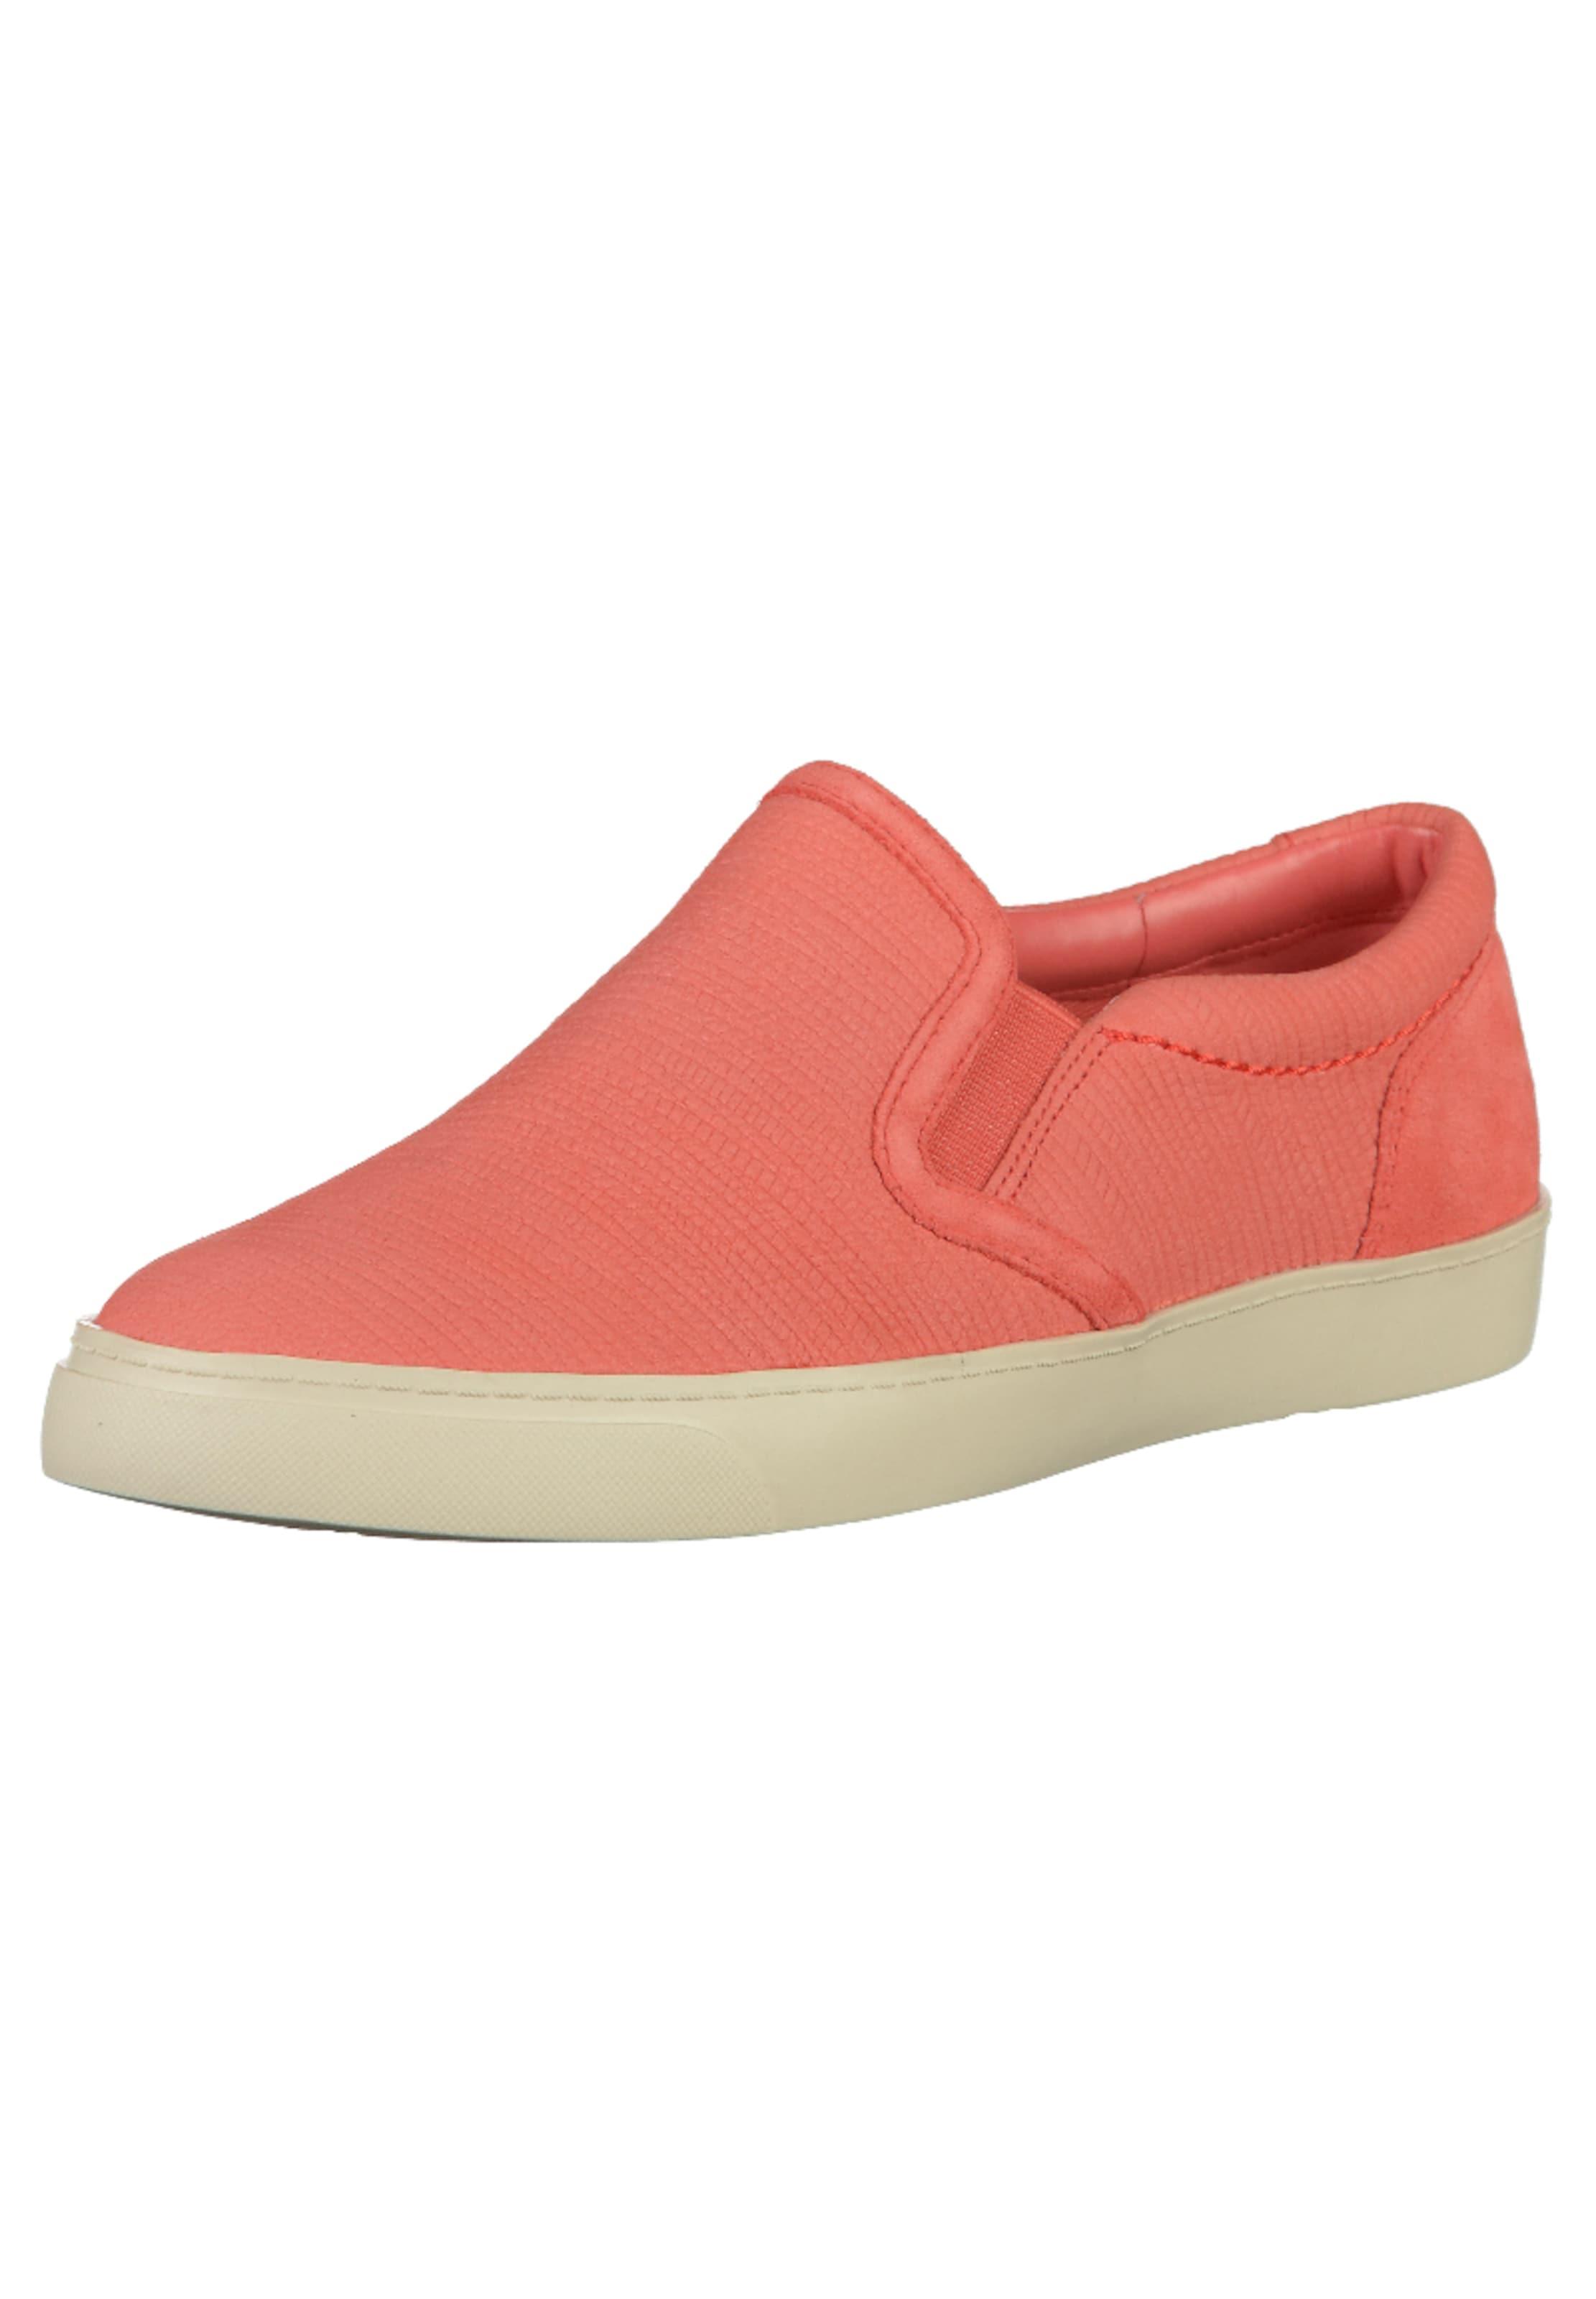 CLARKS Slipper Verschleißfeste billige Schuhe Hohe Qualität